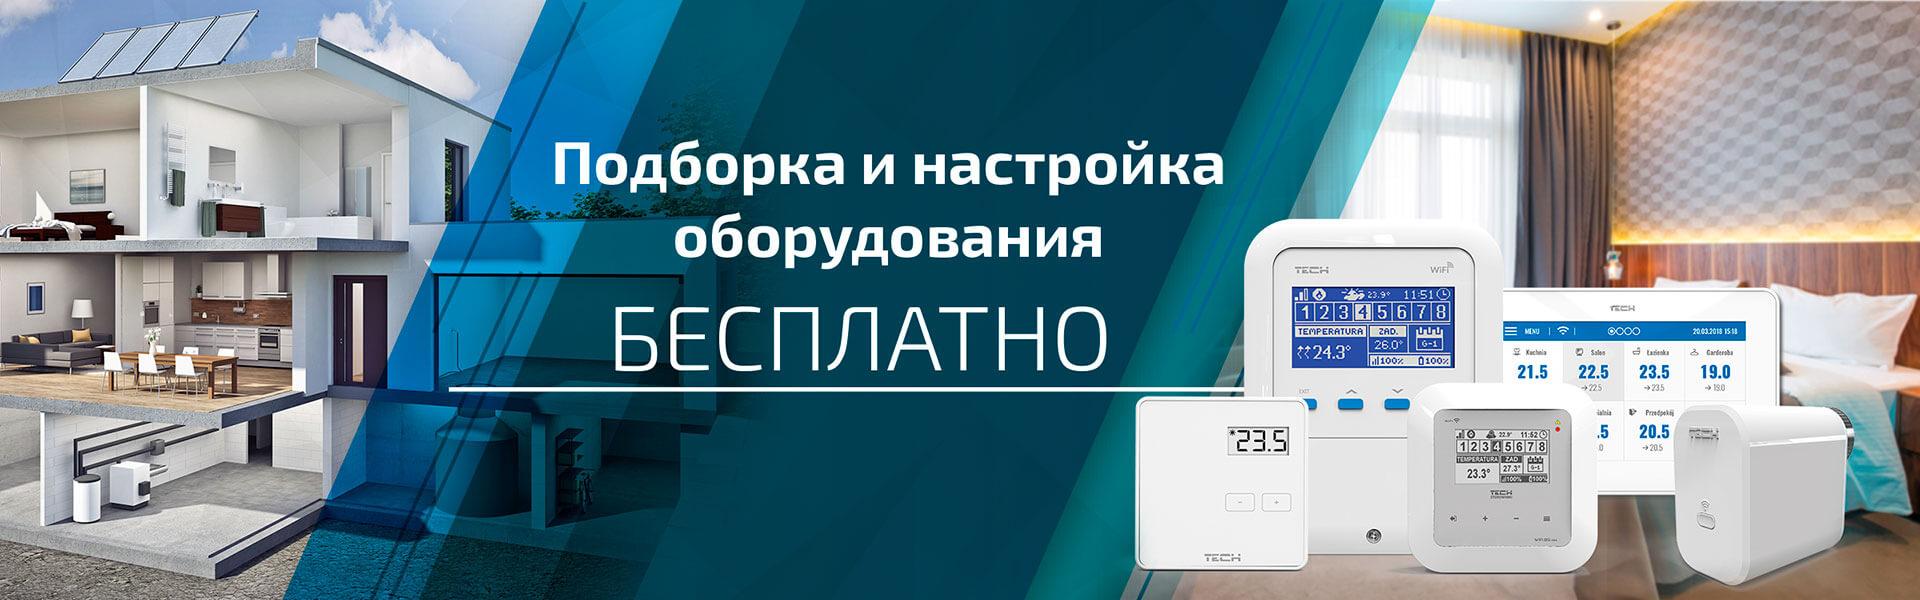 -techpriborcom